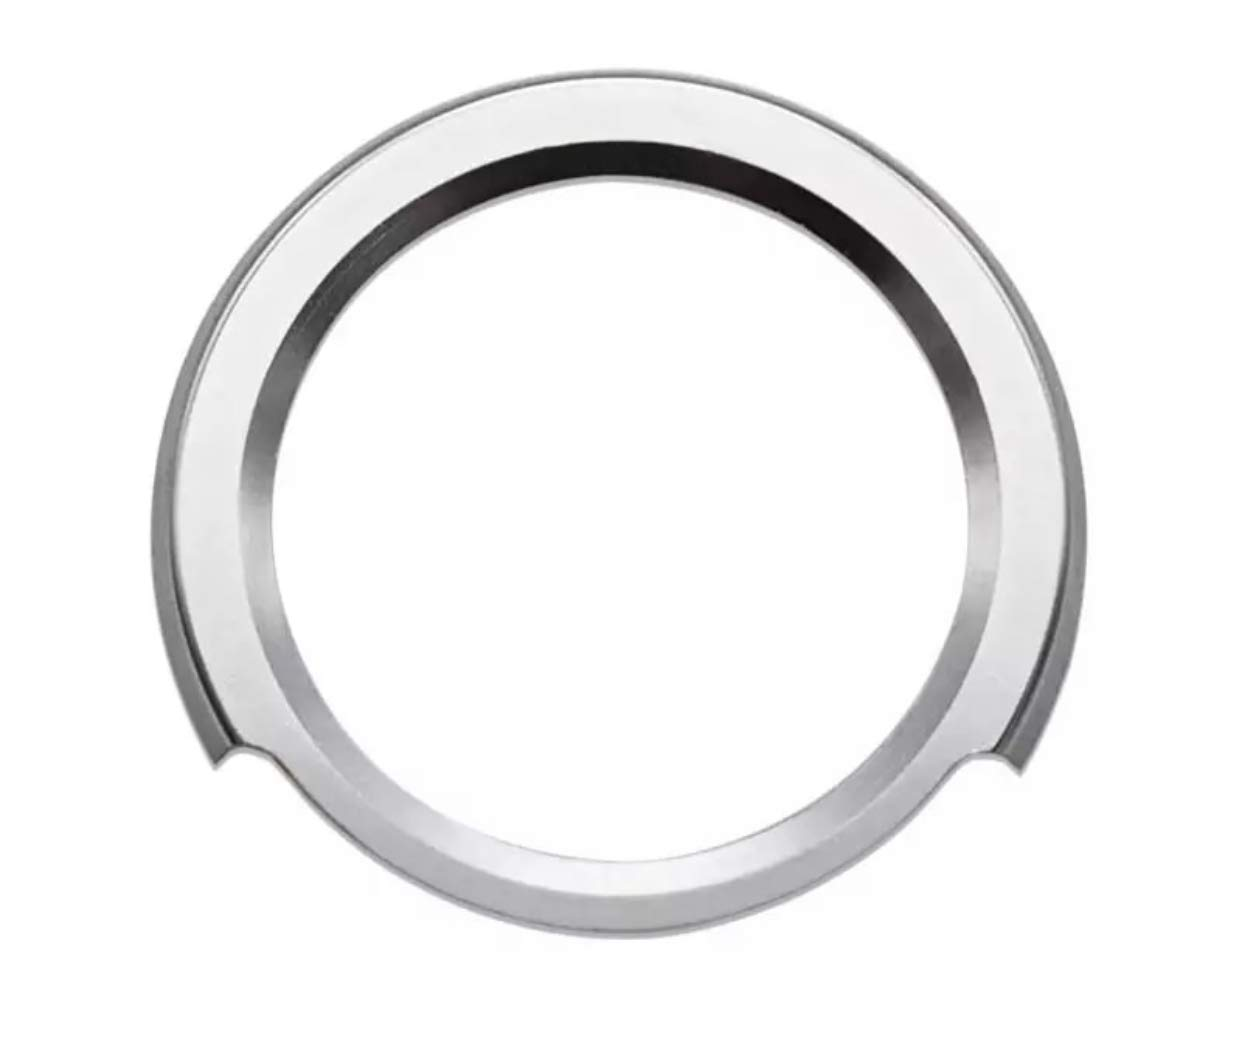 Emblem Trading Start Stop Ring mit Druckknopf in Silber Passend f/ür 1er 2er 3er 4er 5er 6er 7er X1 X3 X4 X5 X6 GT